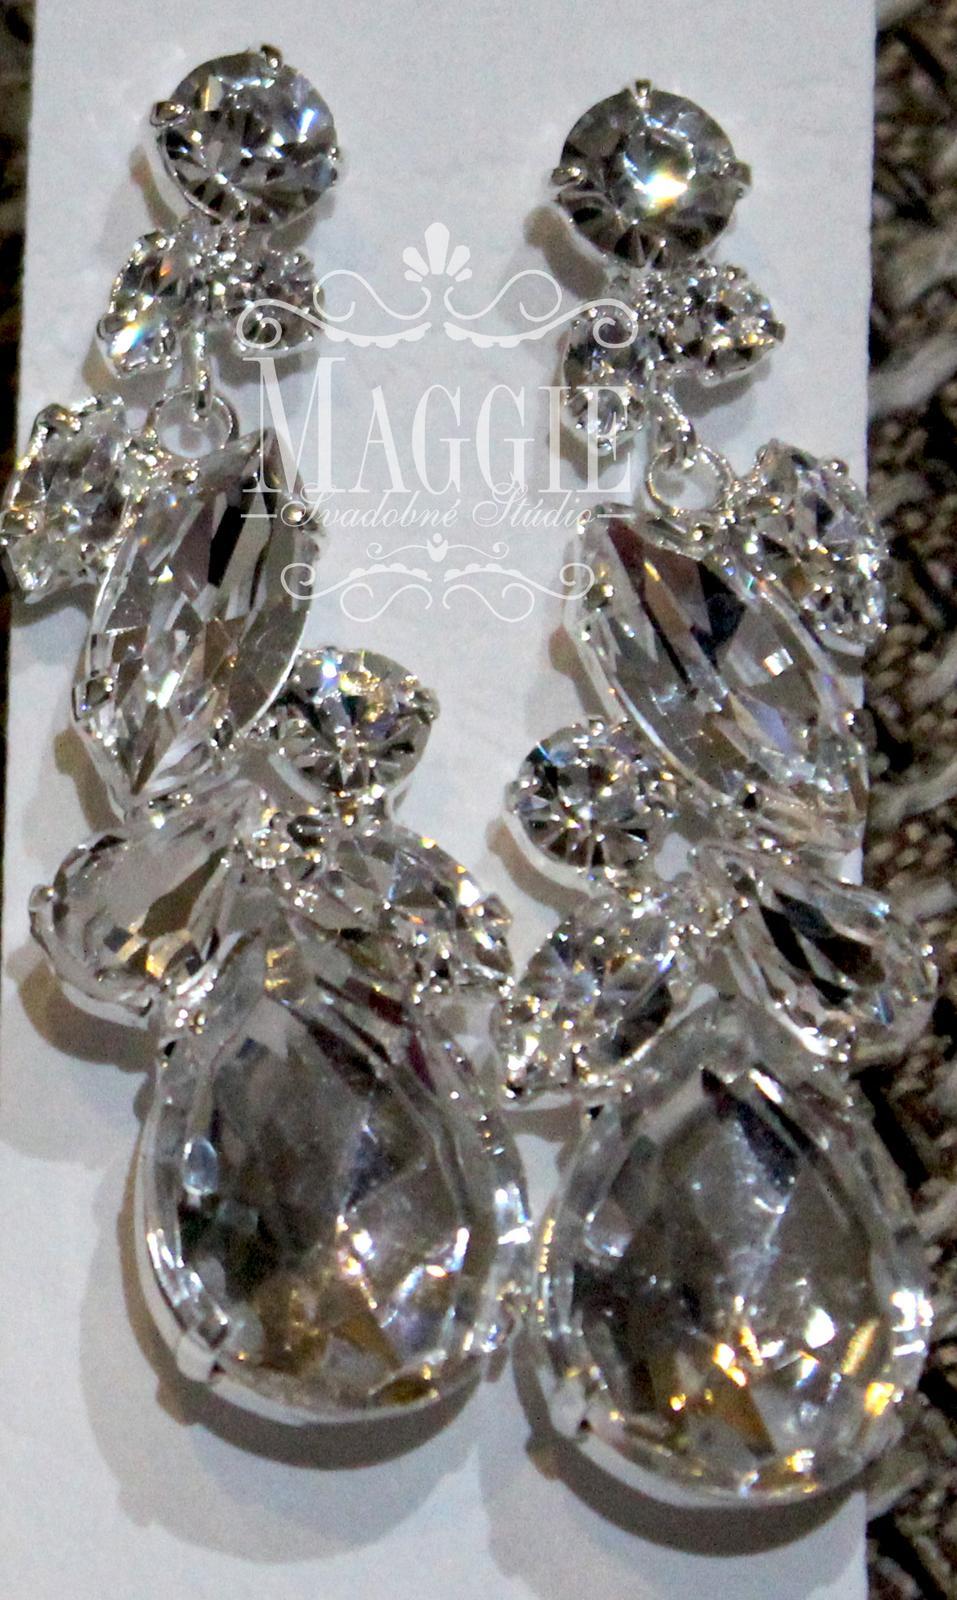 Luxusné náušnice jablonecká bižutéria (kód 5607) 6486fe83f64